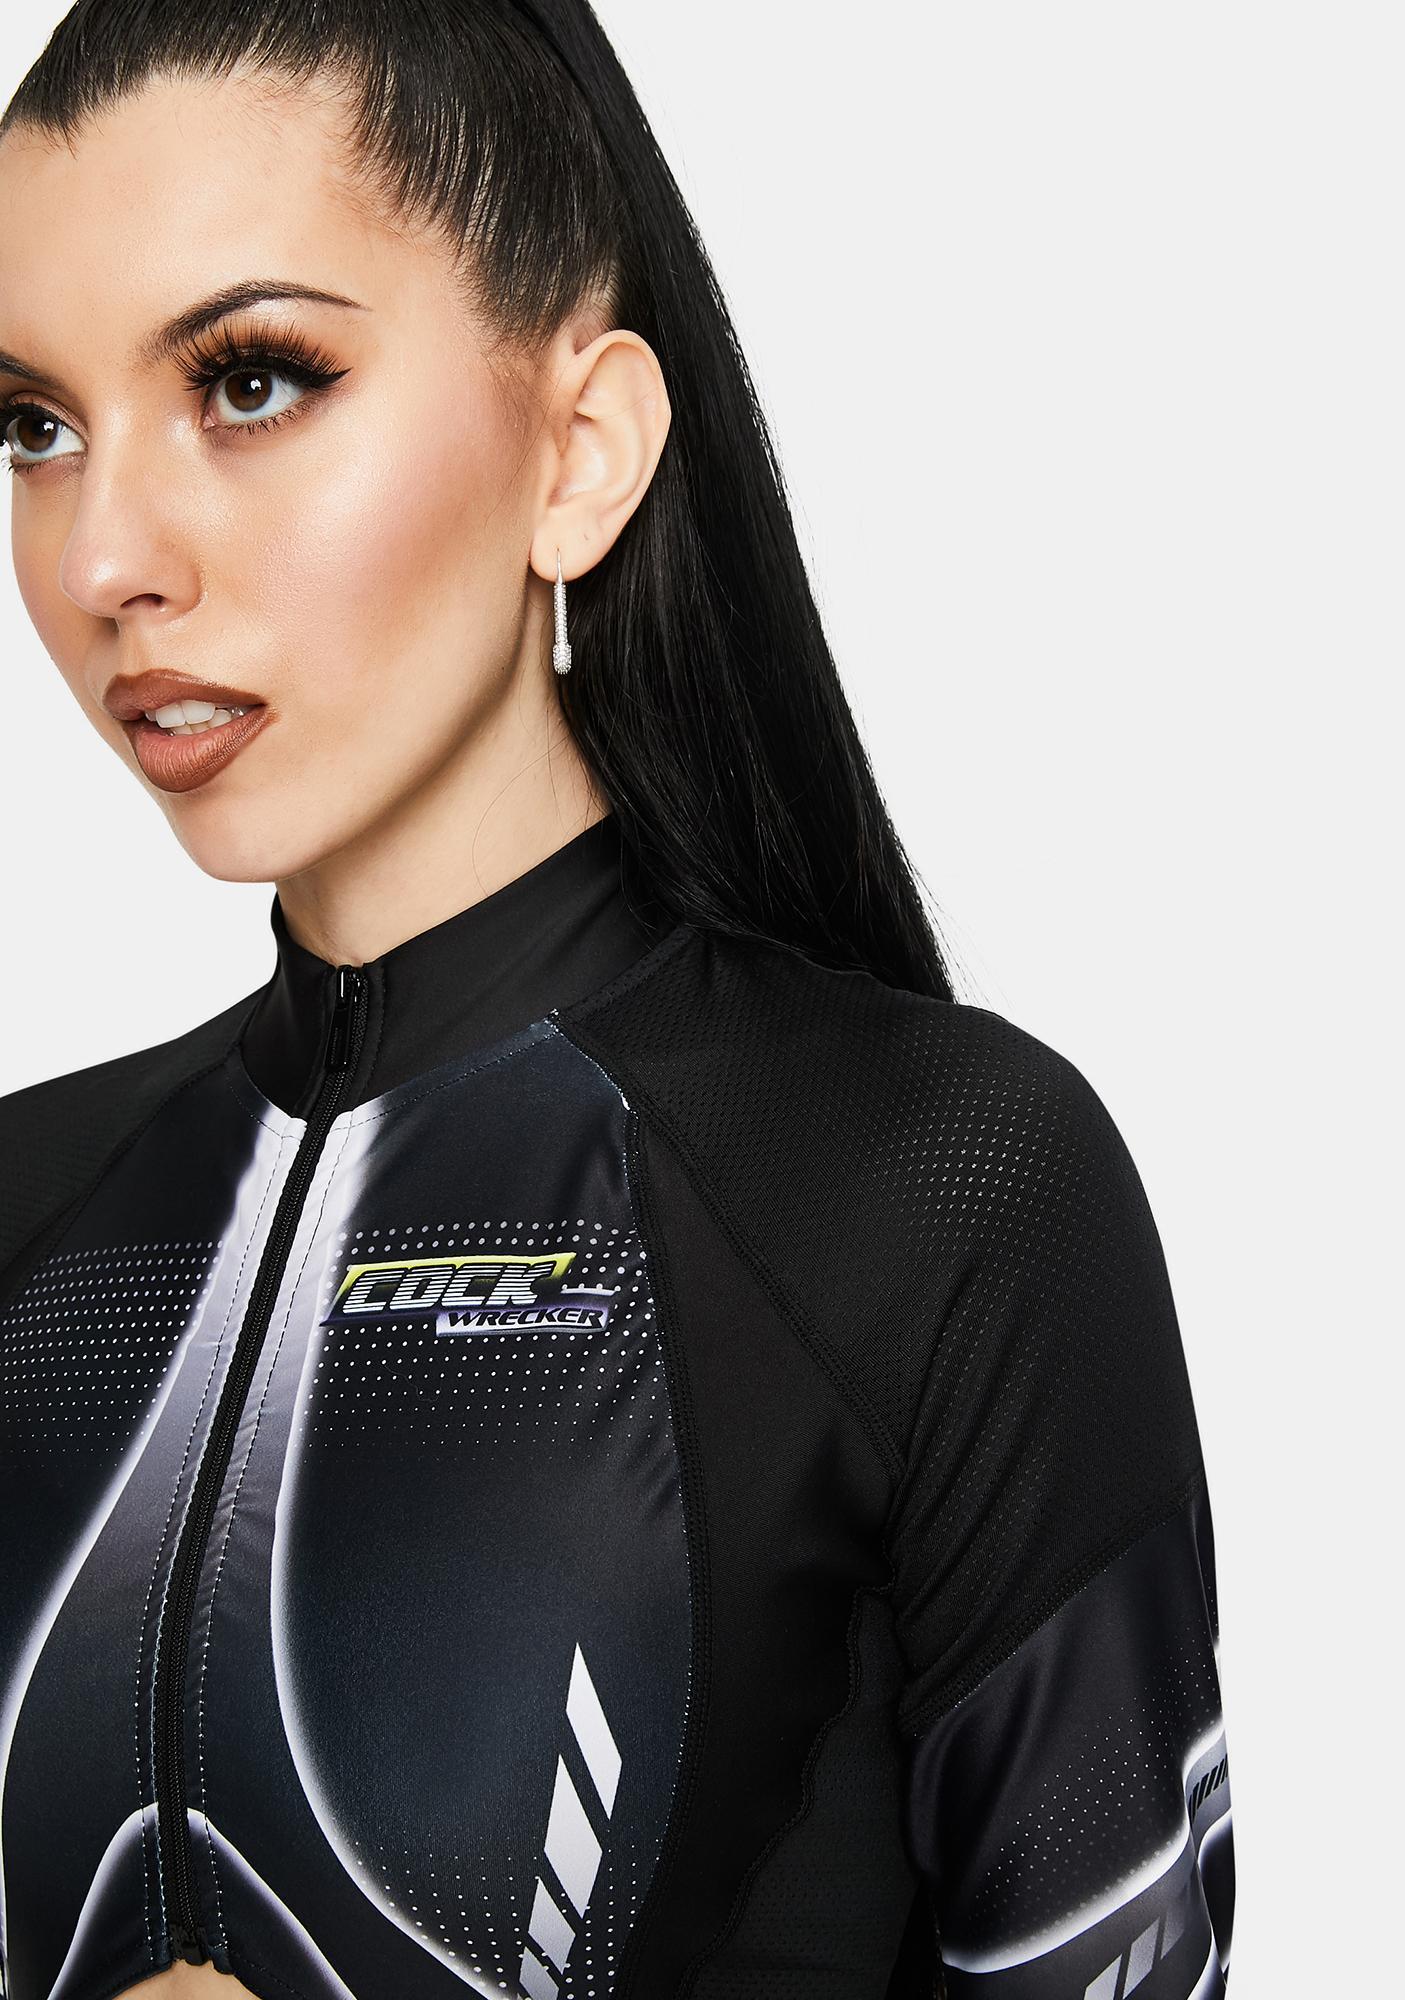 Namilia Speed Racer Long Sleeve Bodysuit